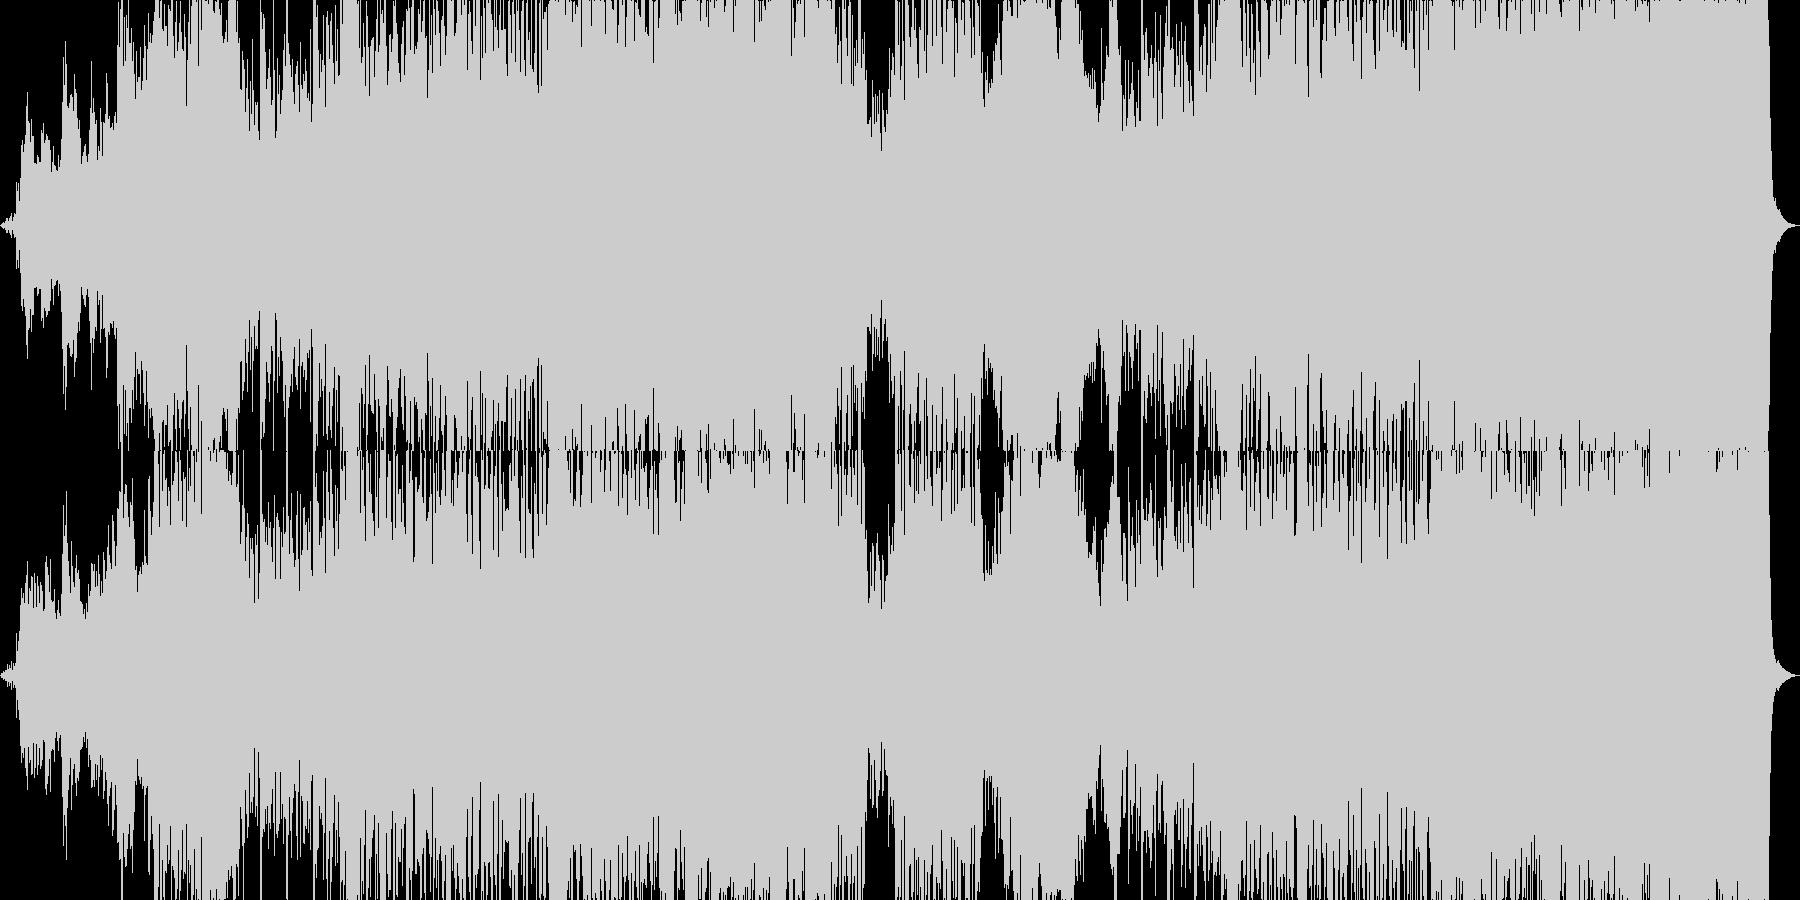 希望的なオーケストラBGMの未再生の波形